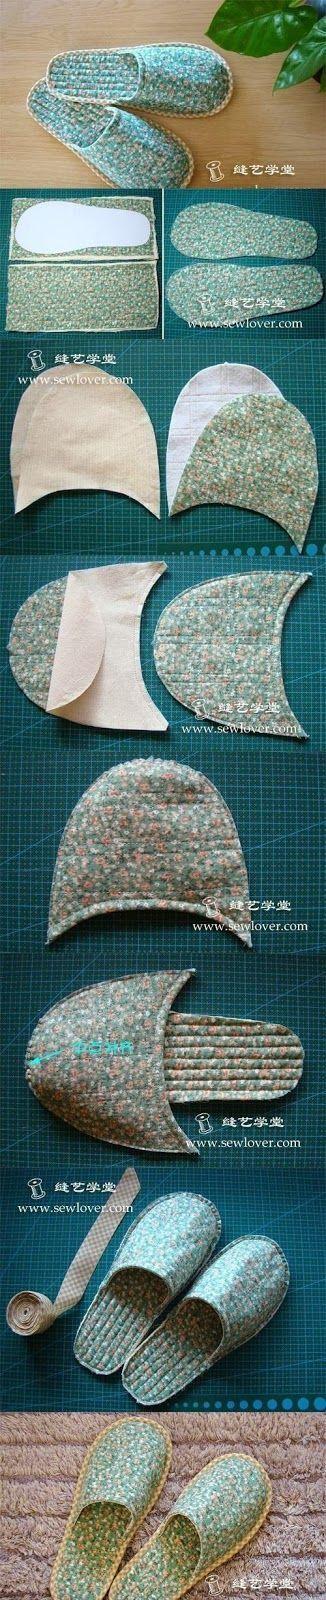 Coser Slipper | bricolaje y manualidades Tutoriales - usar toallas viejas para post-baño / ducha.